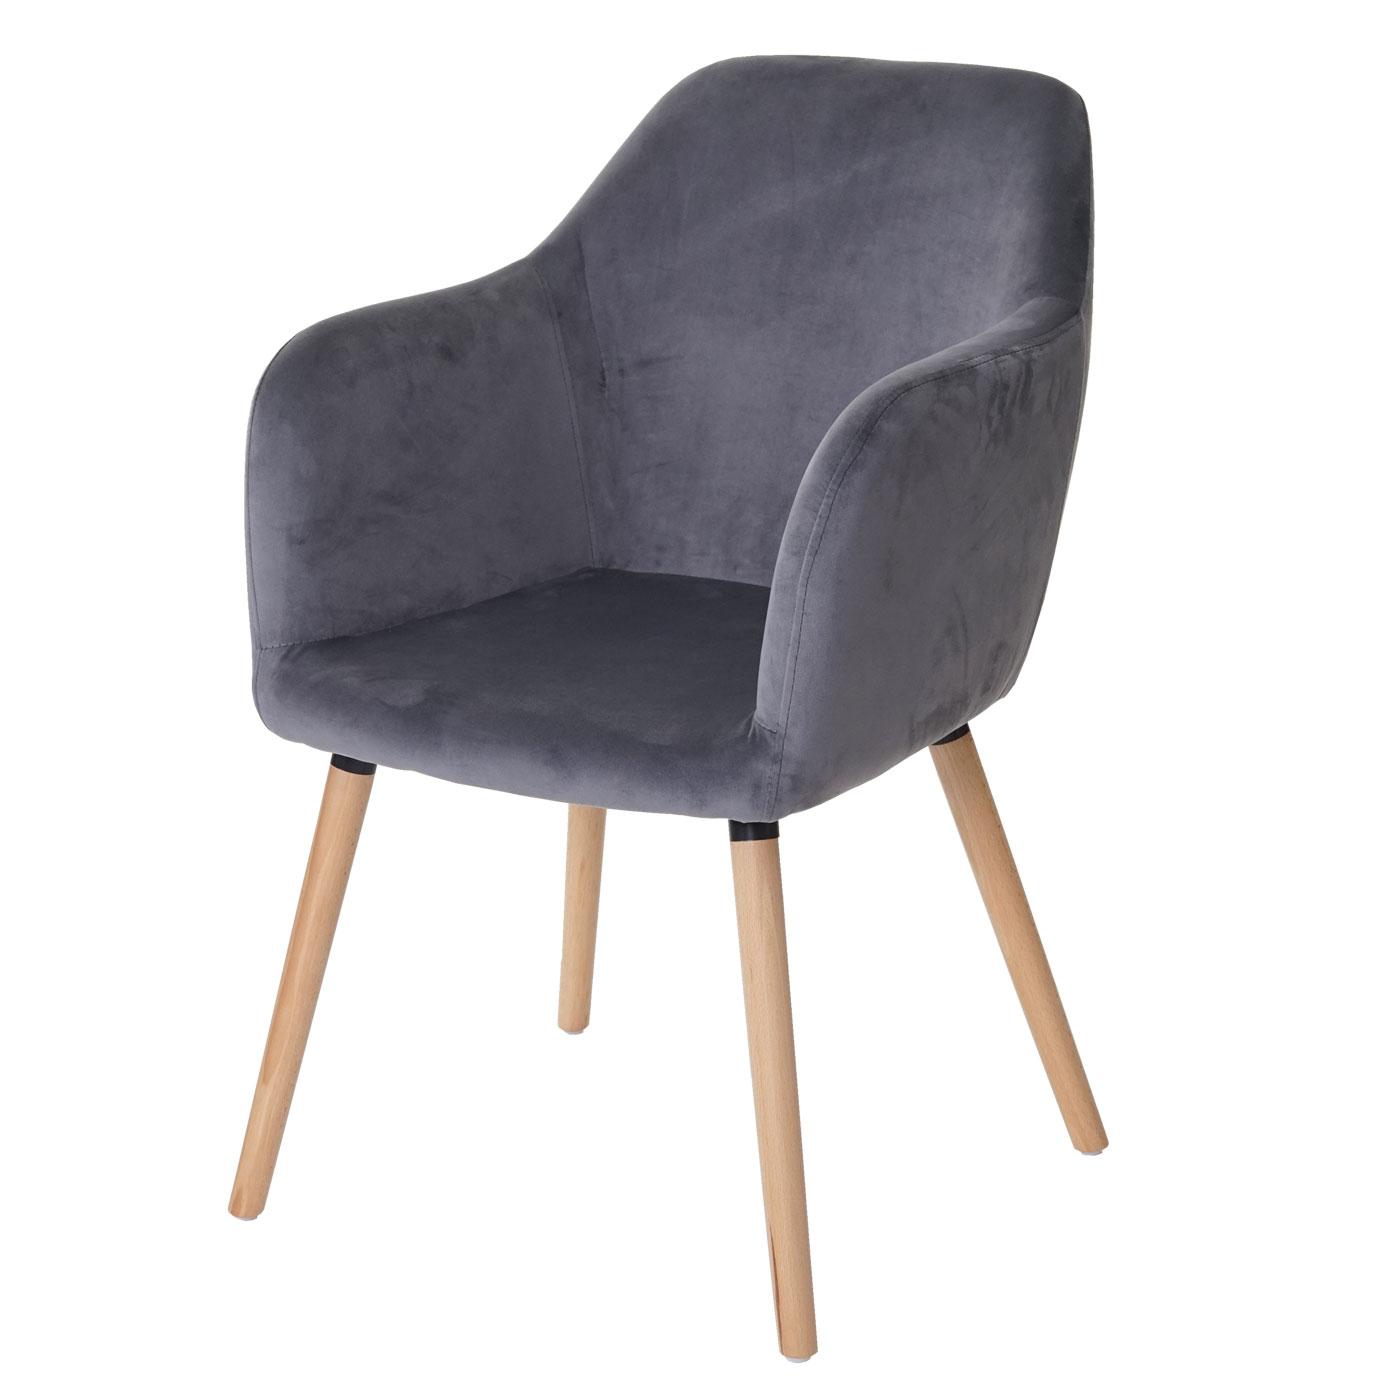 esszimmerstuhl malm t381 stuhl lehnstuhl retro 50er jahre design samt grau. Black Bedroom Furniture Sets. Home Design Ideas